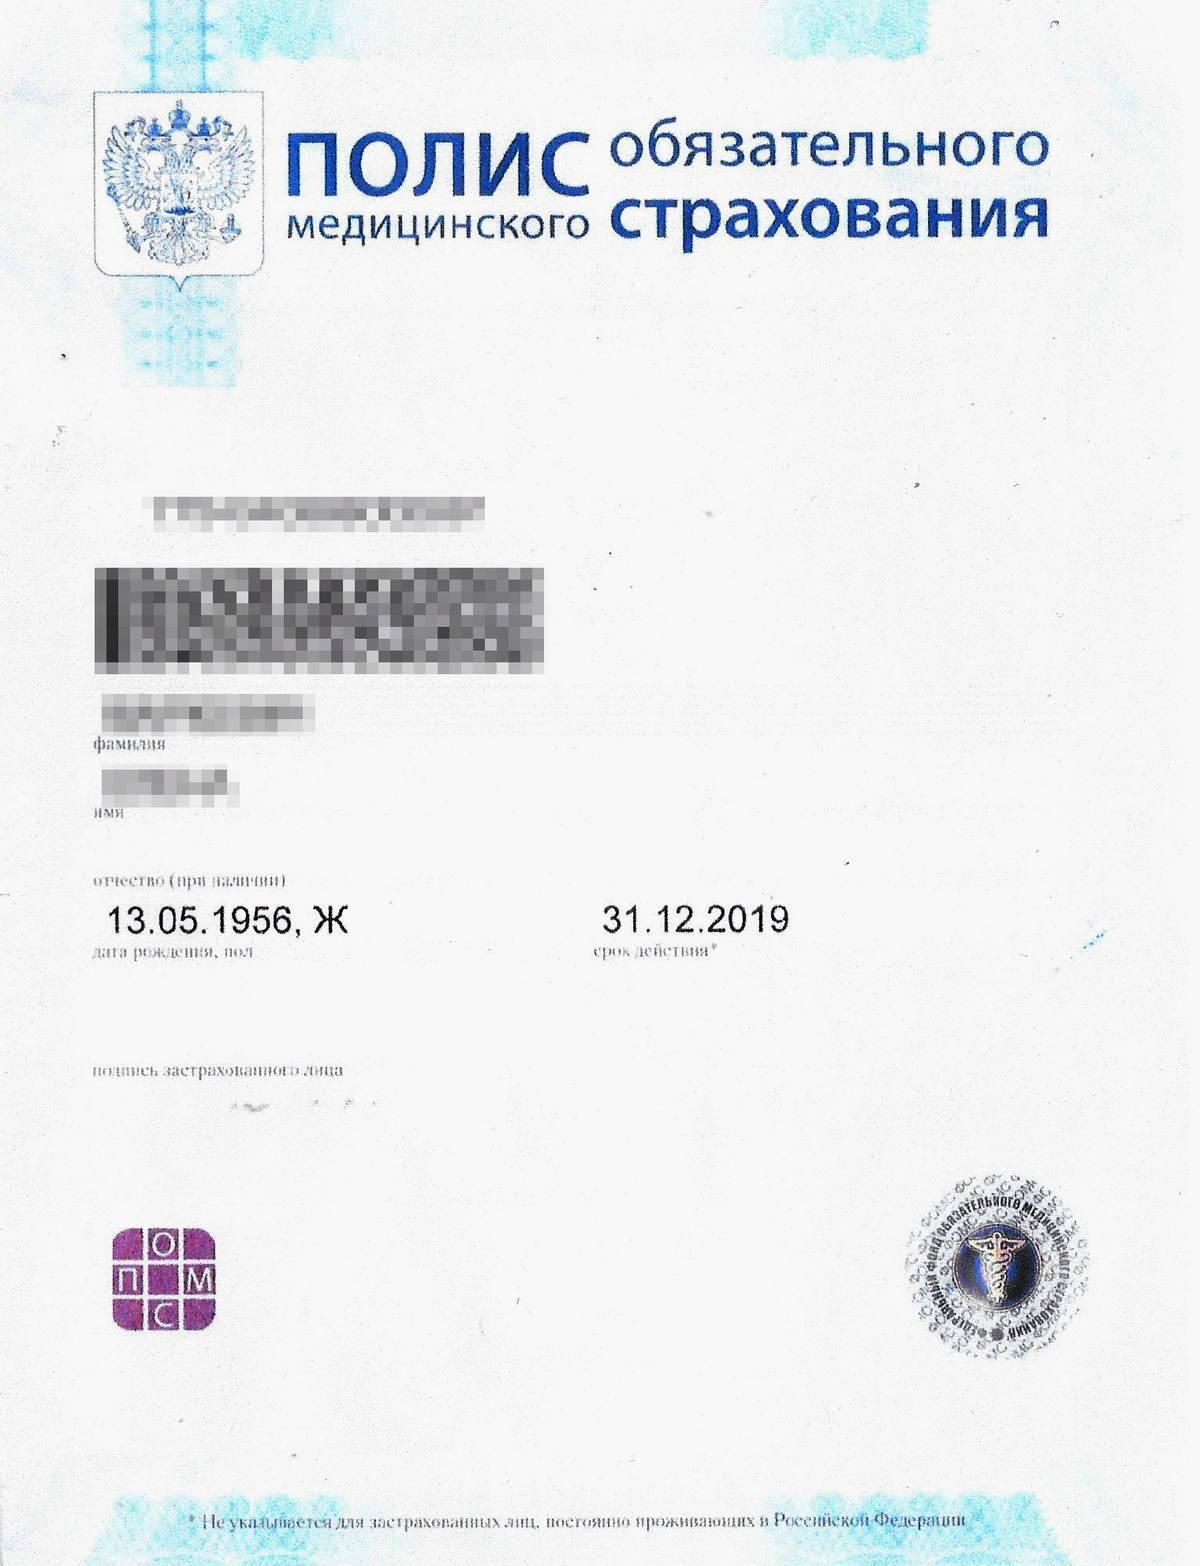 Полис ОМС дляиностранцев внешне ничем не отличается от тех, что выдают россиянам. Единственное, его надо продлевать ежегодно